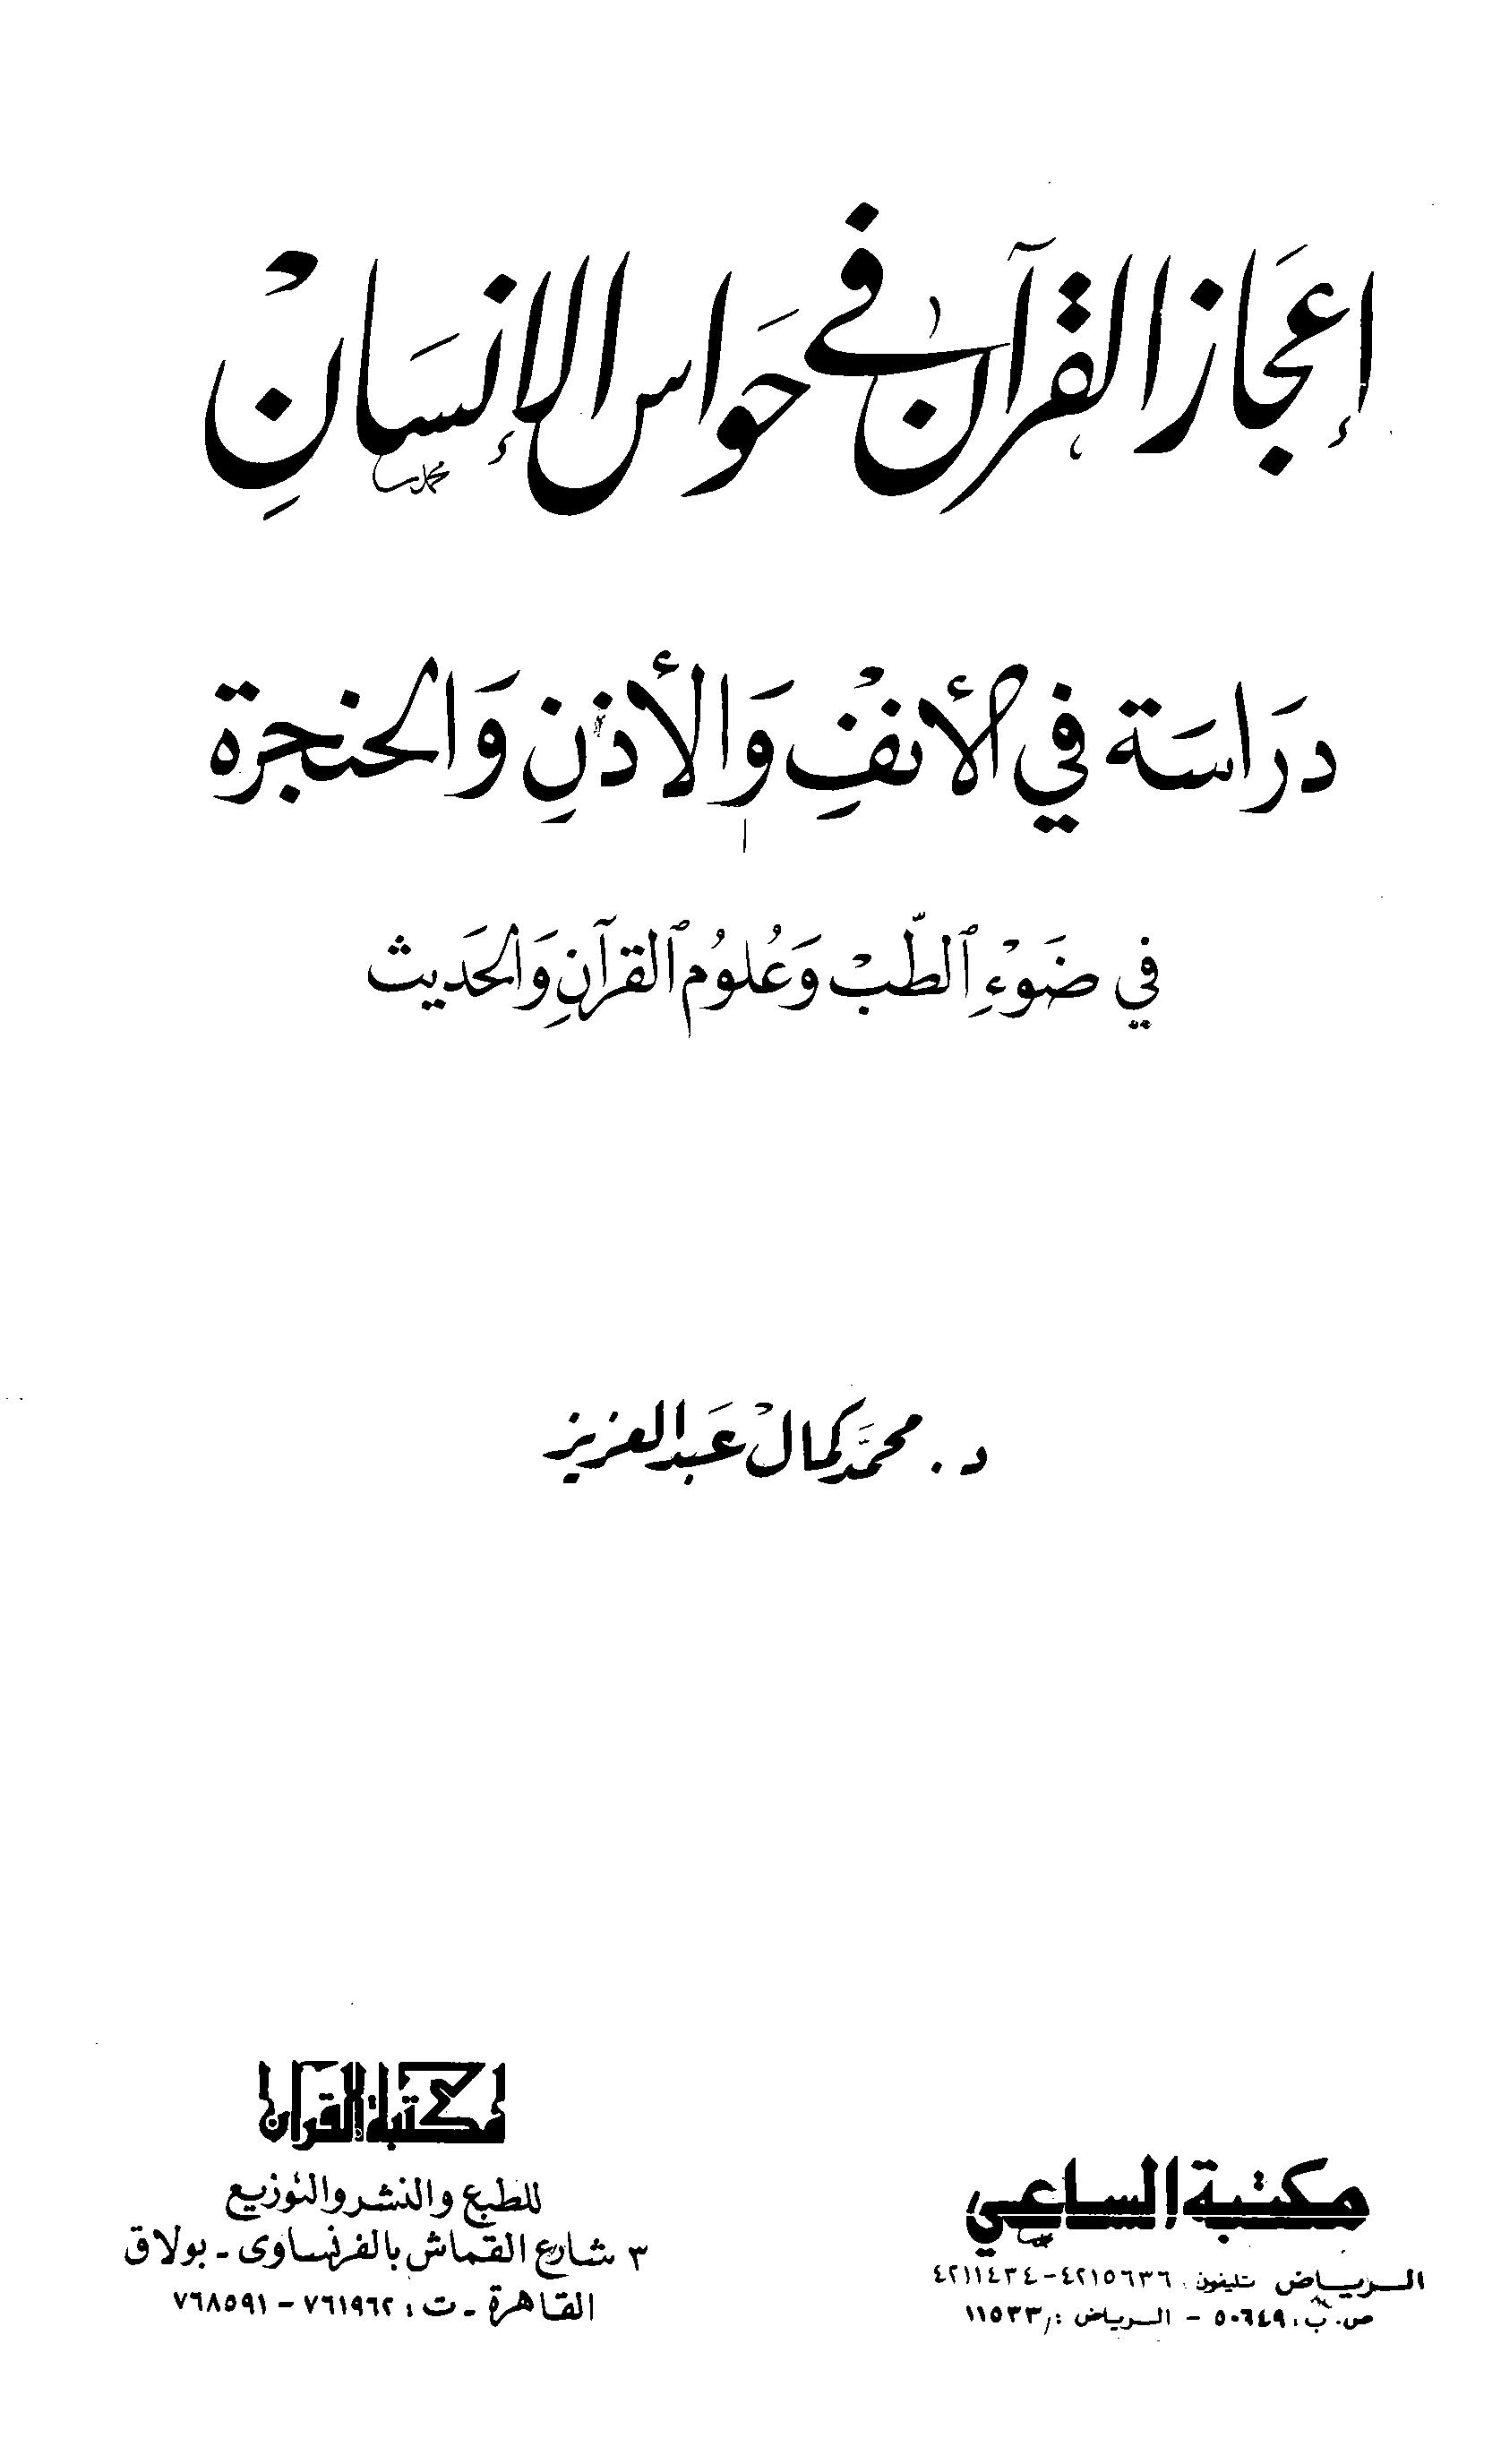 تحميل كتاب إعجاز القرآن في حواس الإنسان لـِ: الدكتور محمد كمال عبد العزيز